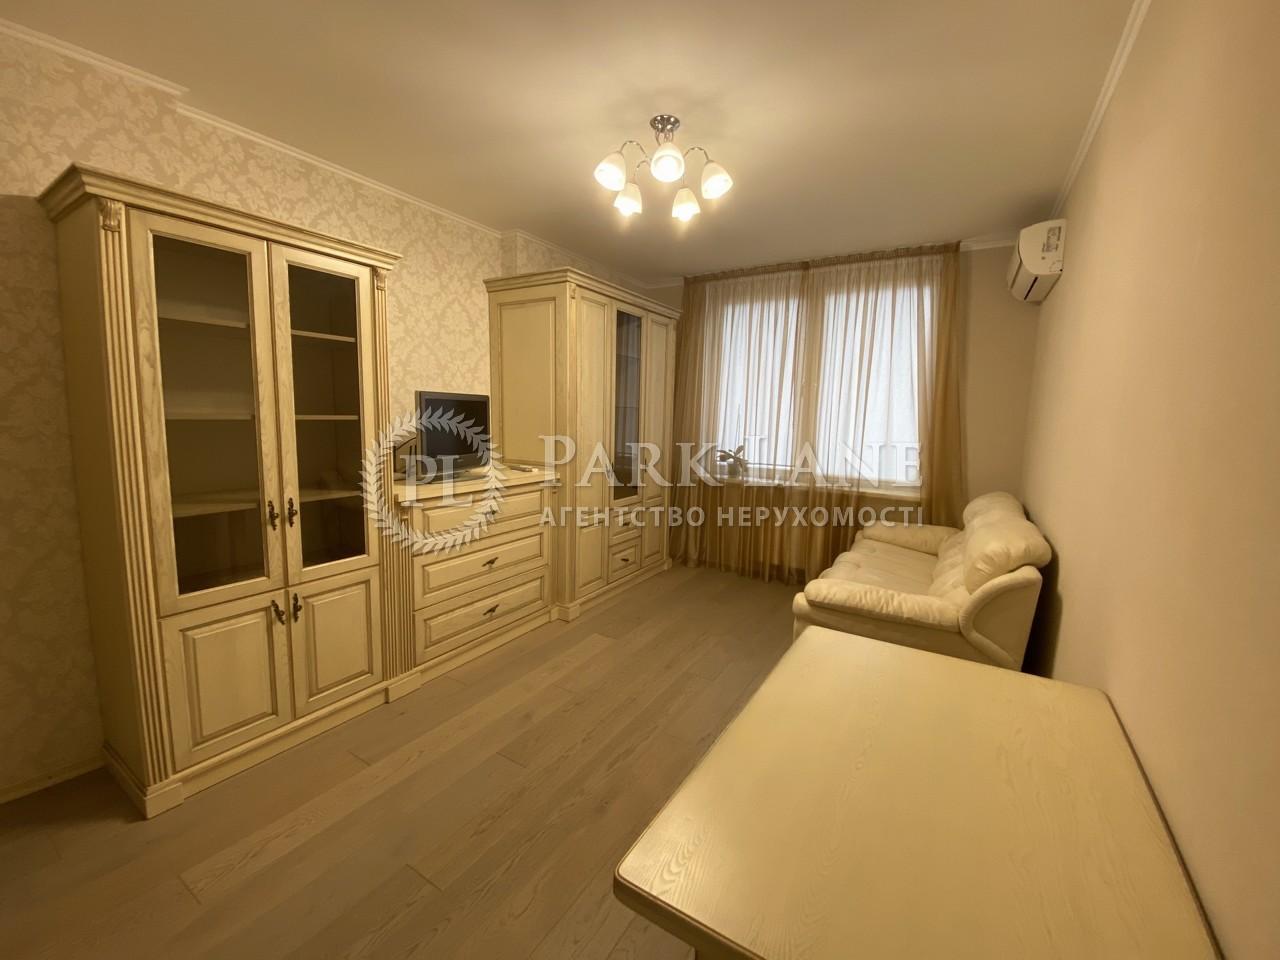 Квартира ул. Феодосийская, 2л, Киев, I-32091 - Фото 4